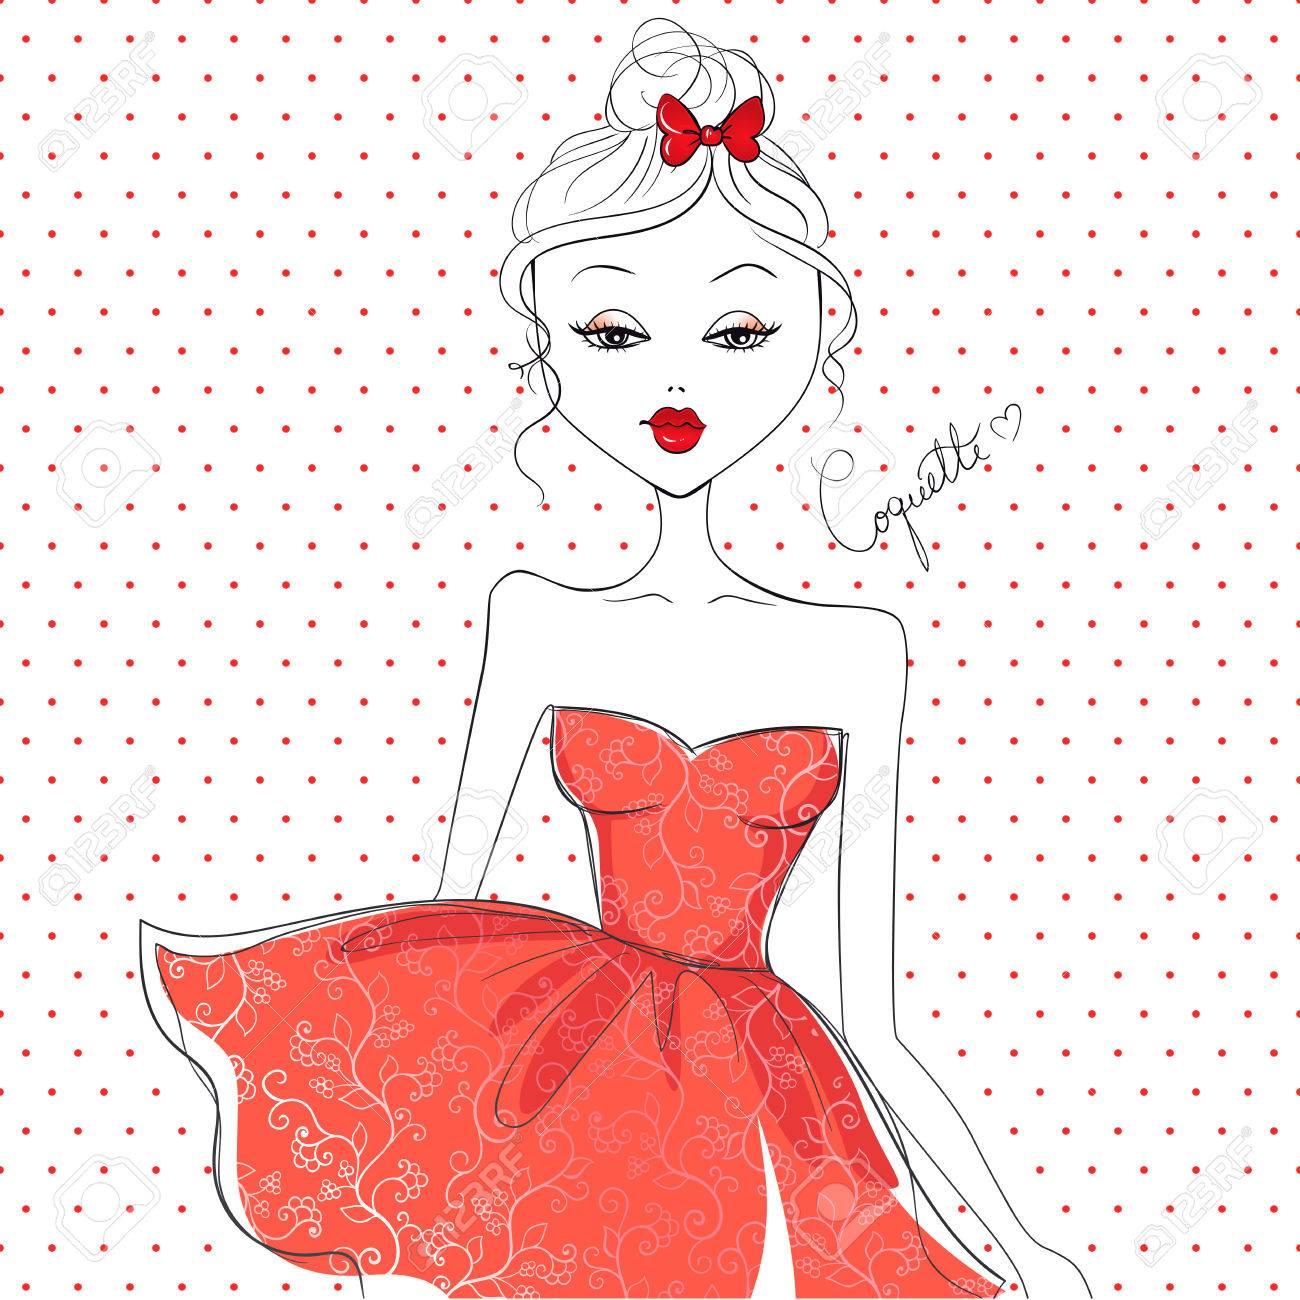 かわいい女の子 ベクトル少女 漫画イラスト 美しい少女 ファッションのスケッチ のイラスト素材 ベクタ Image